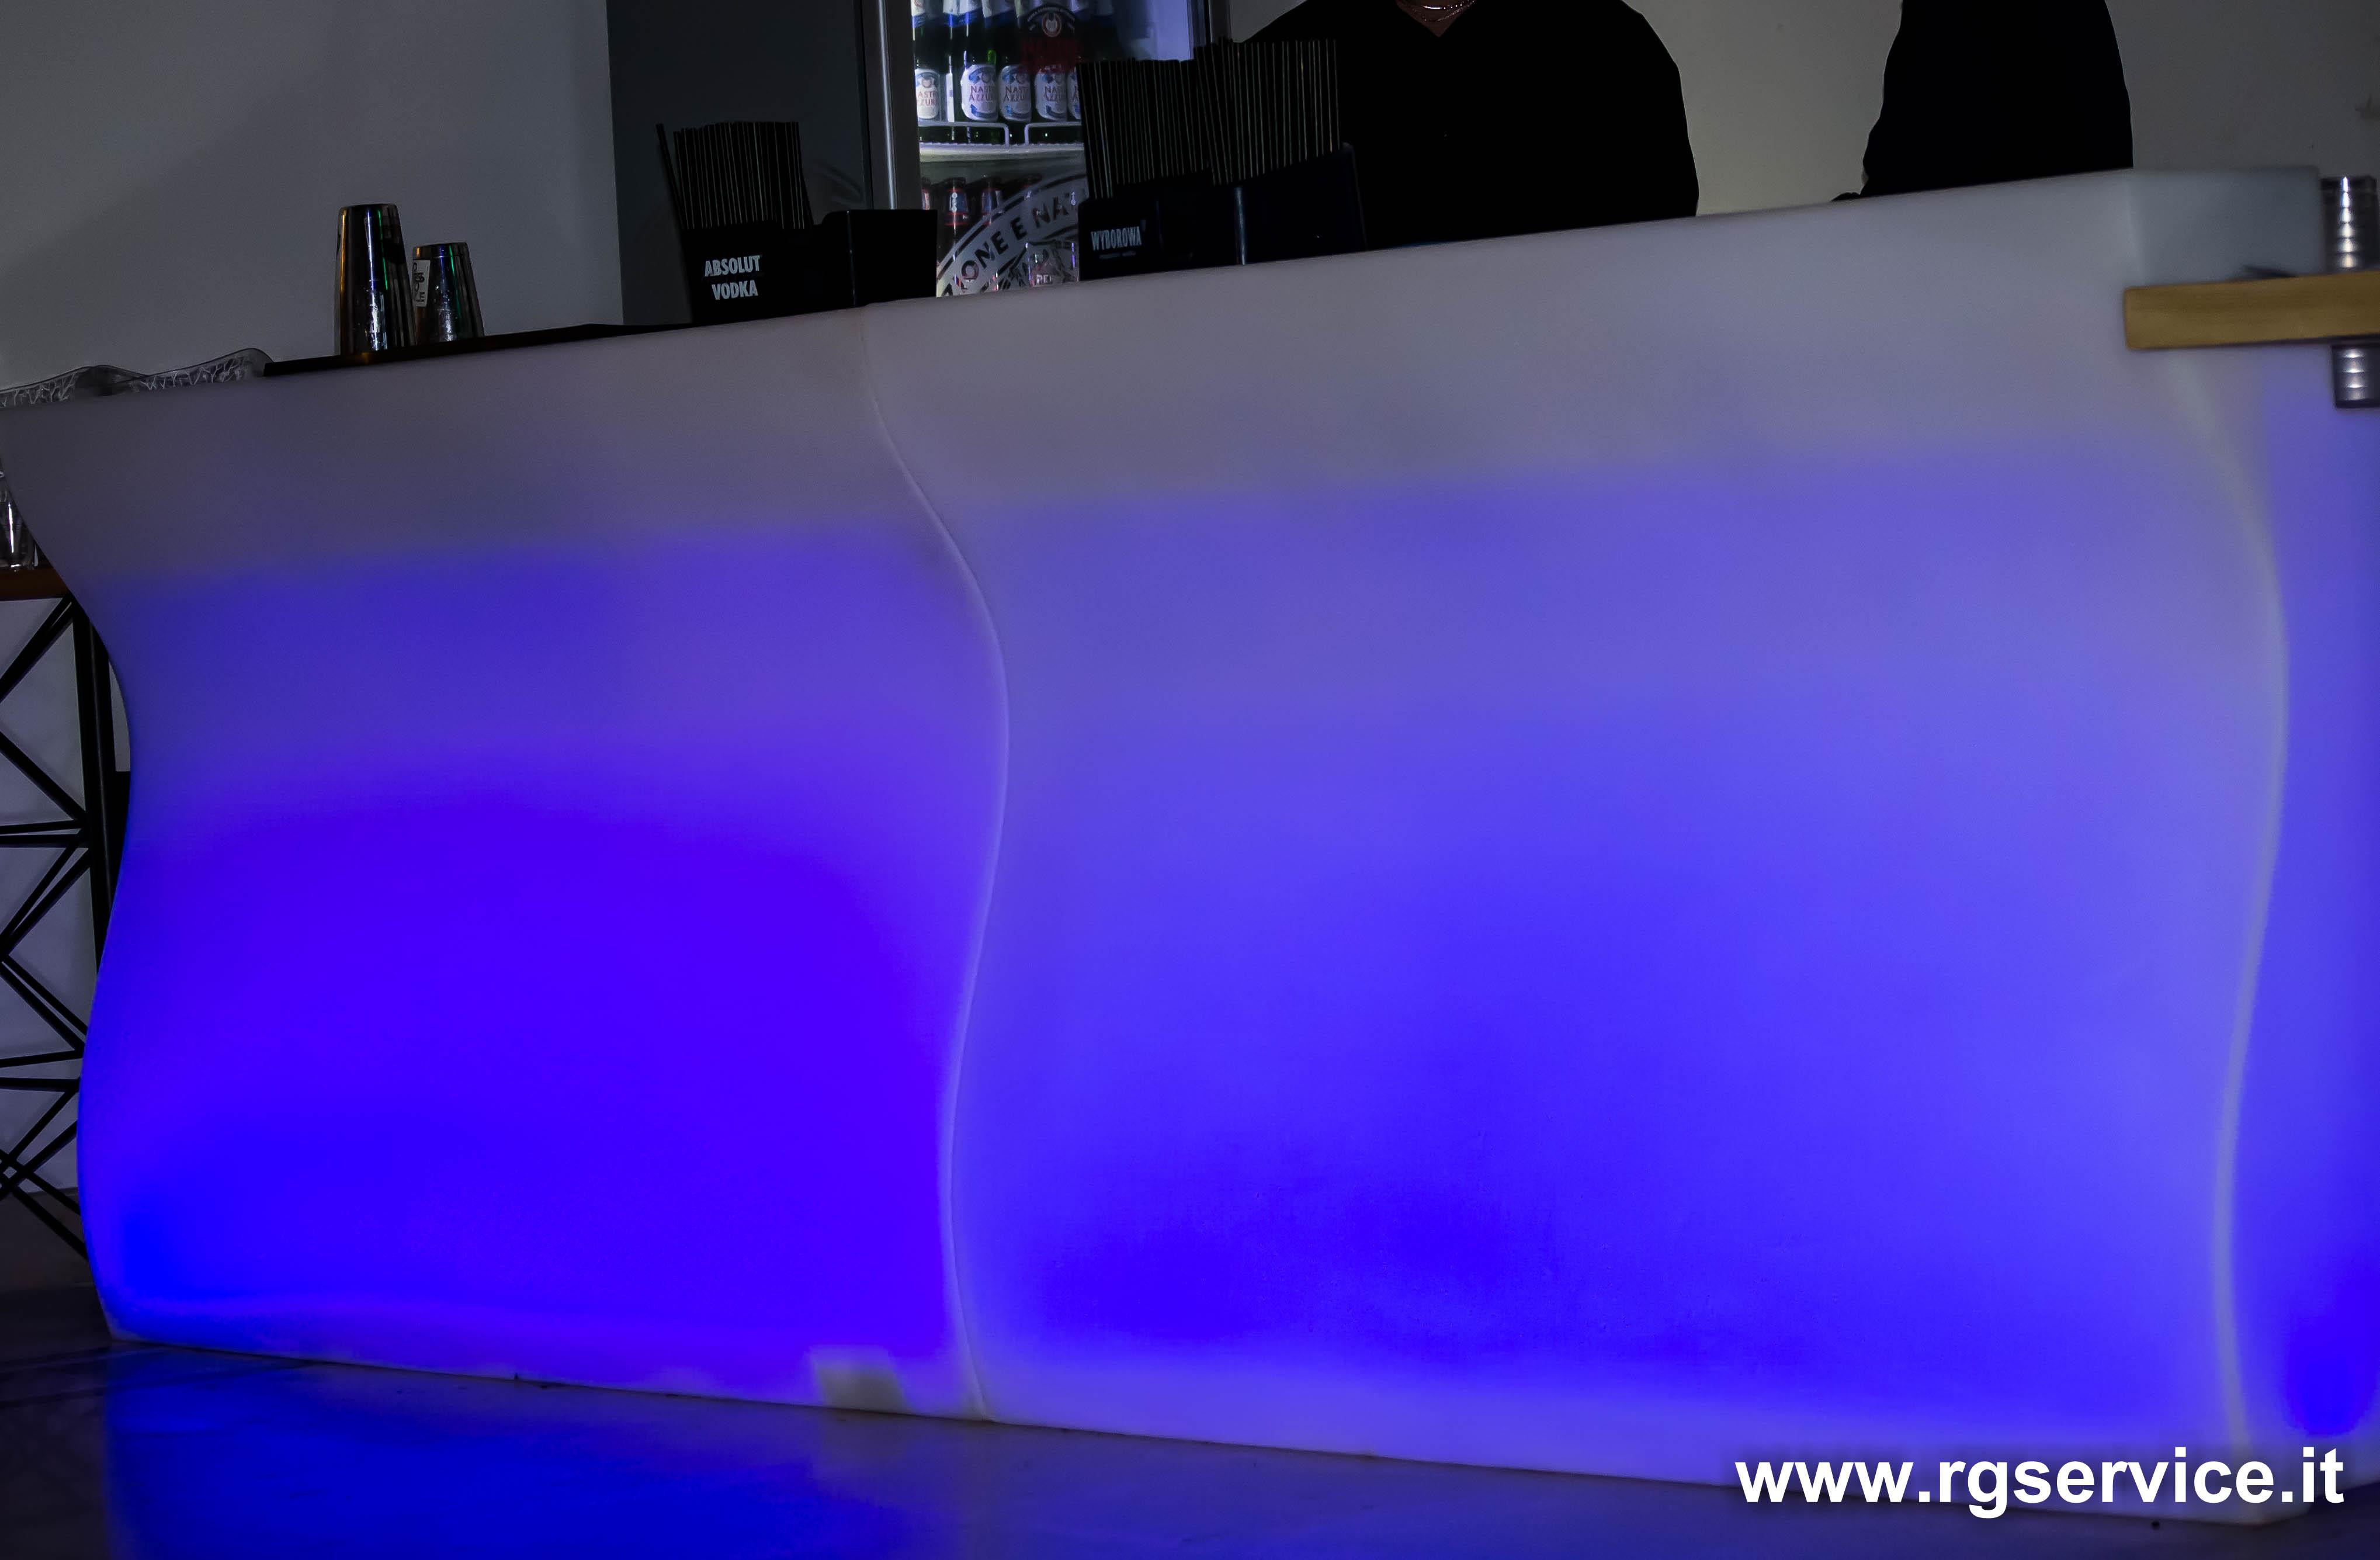 Arredamento Esterno Bar Usato.Banconi Bar Luminosi E Banchi Bar Nuovi E Usati R G Service